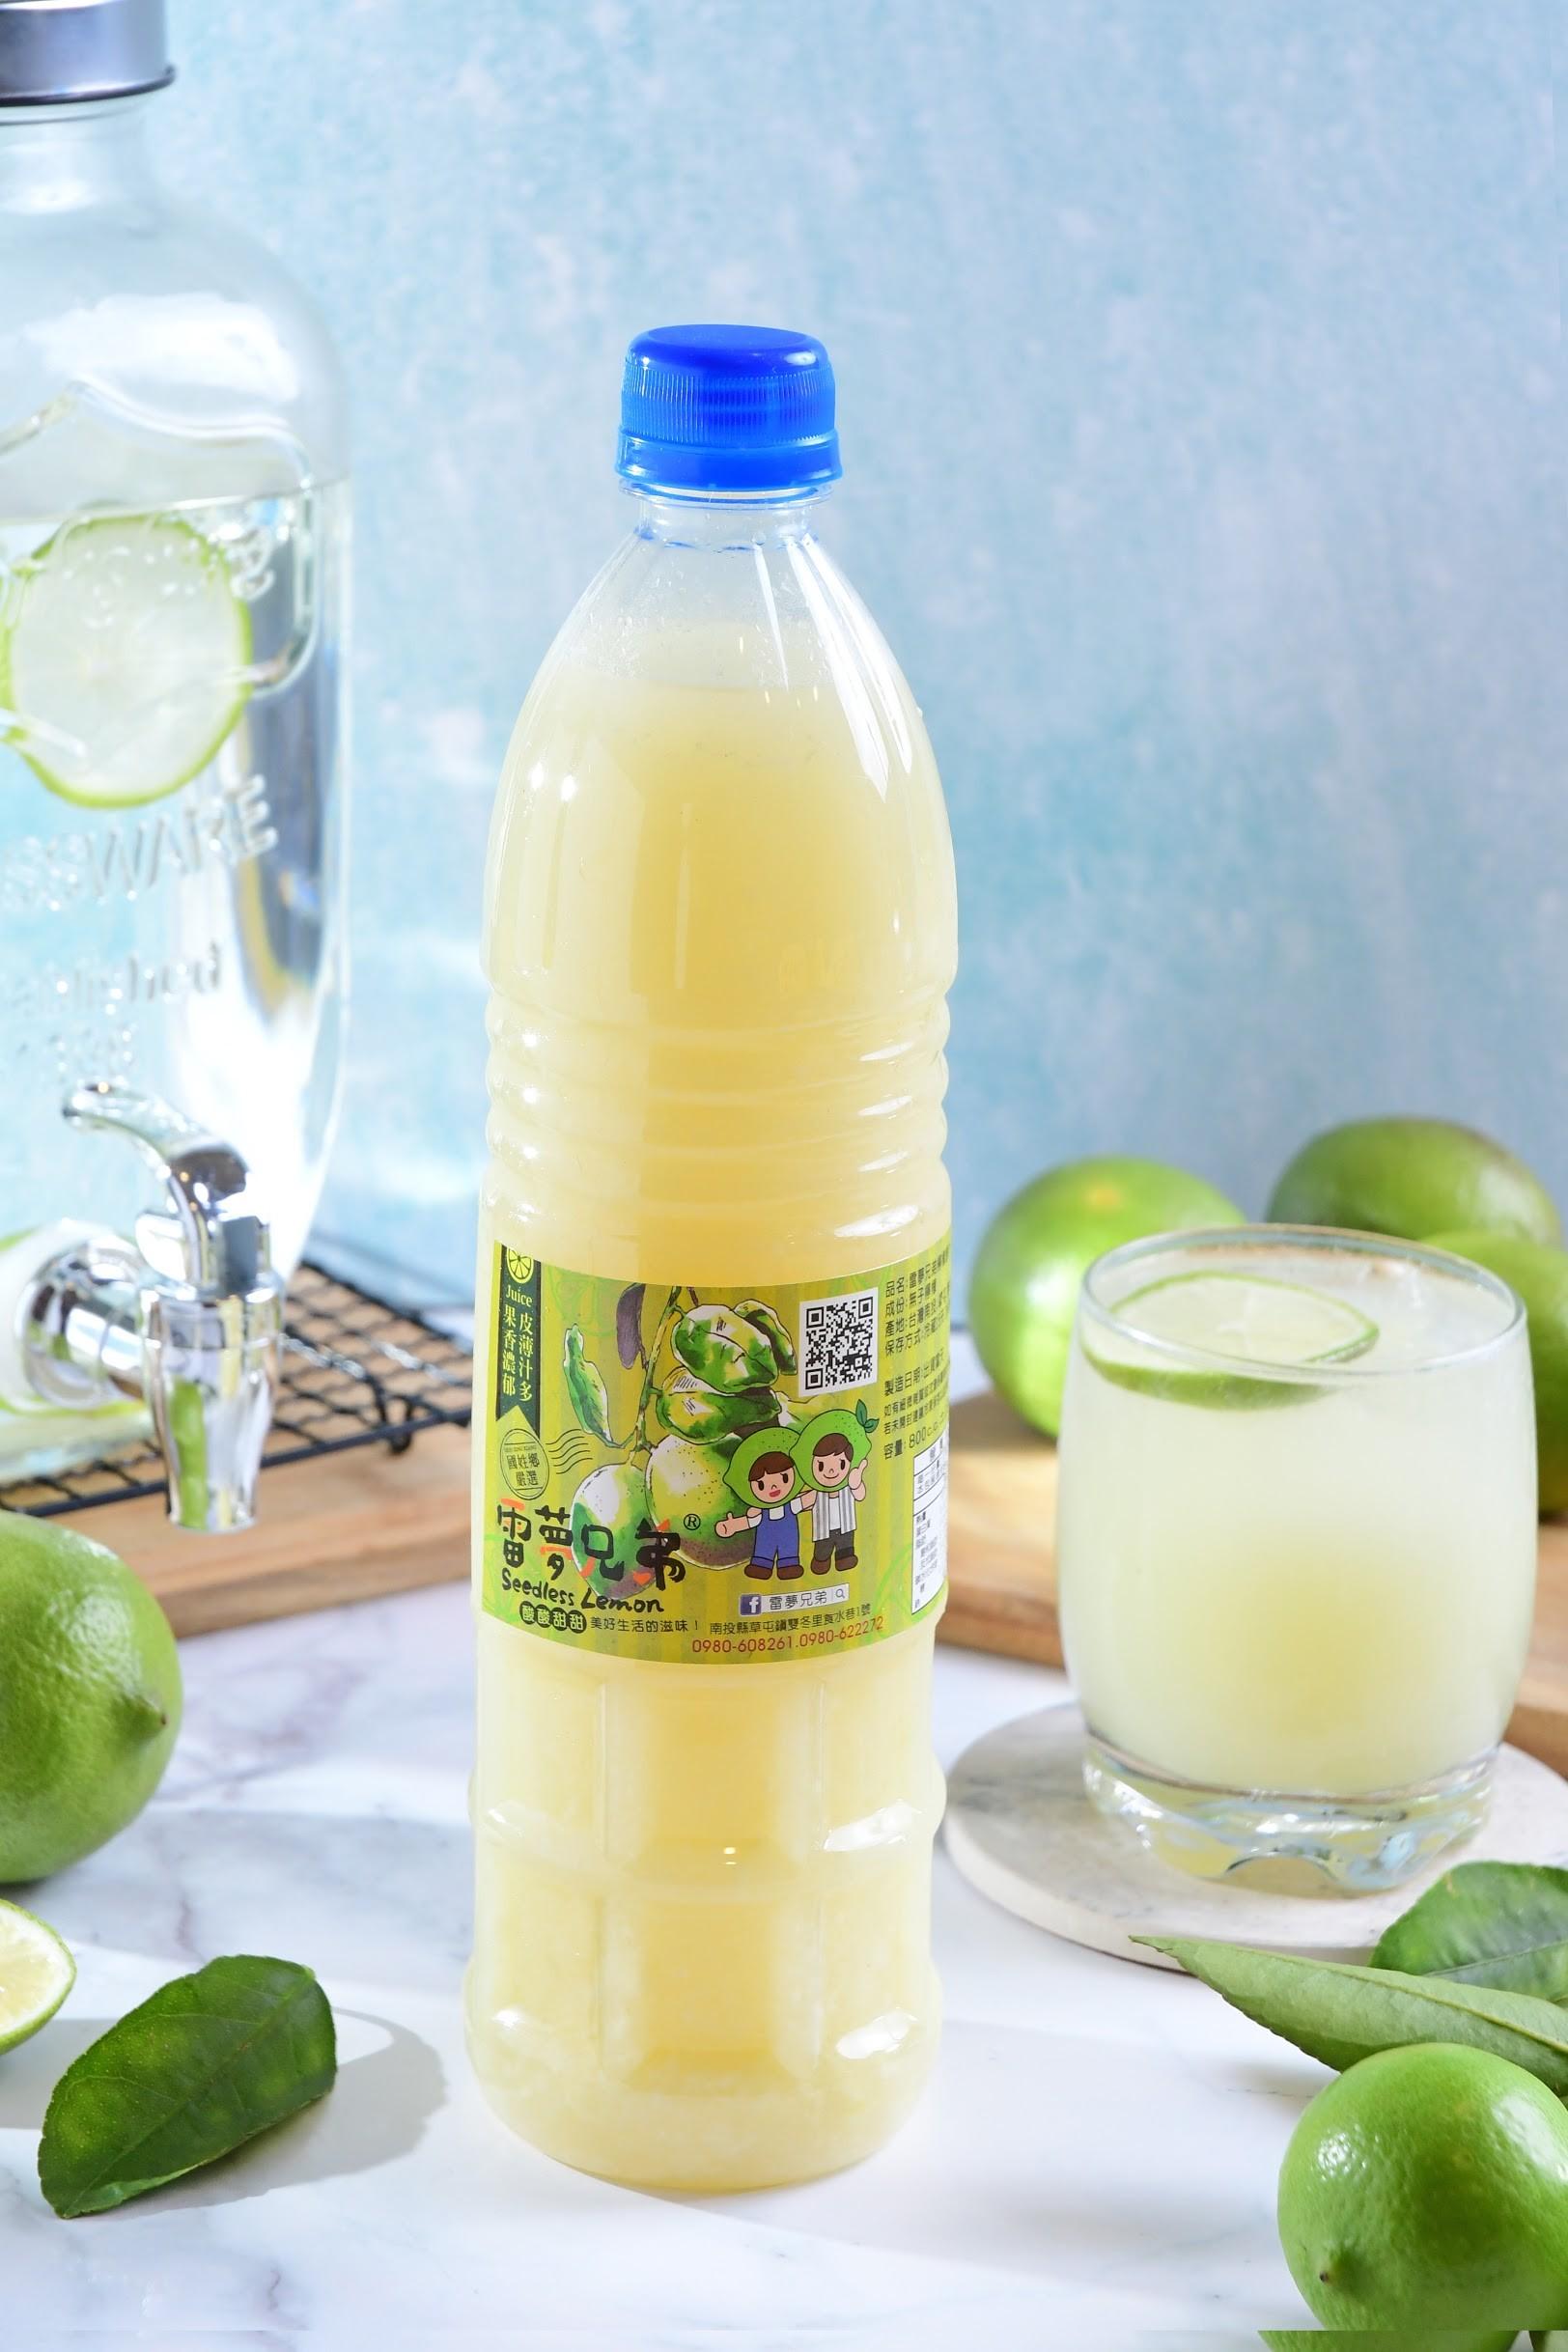 感恩回饋結帳輸入折扣碼「IU205AQRTSRP」,在打【85】折-【免運費】特價無毒檸檬原汁 | 鮮檸檬汁 | 檸檬汁 | 檸檬水 | TLS全新生活800cc(26瓶)【塑膠瓶裝】